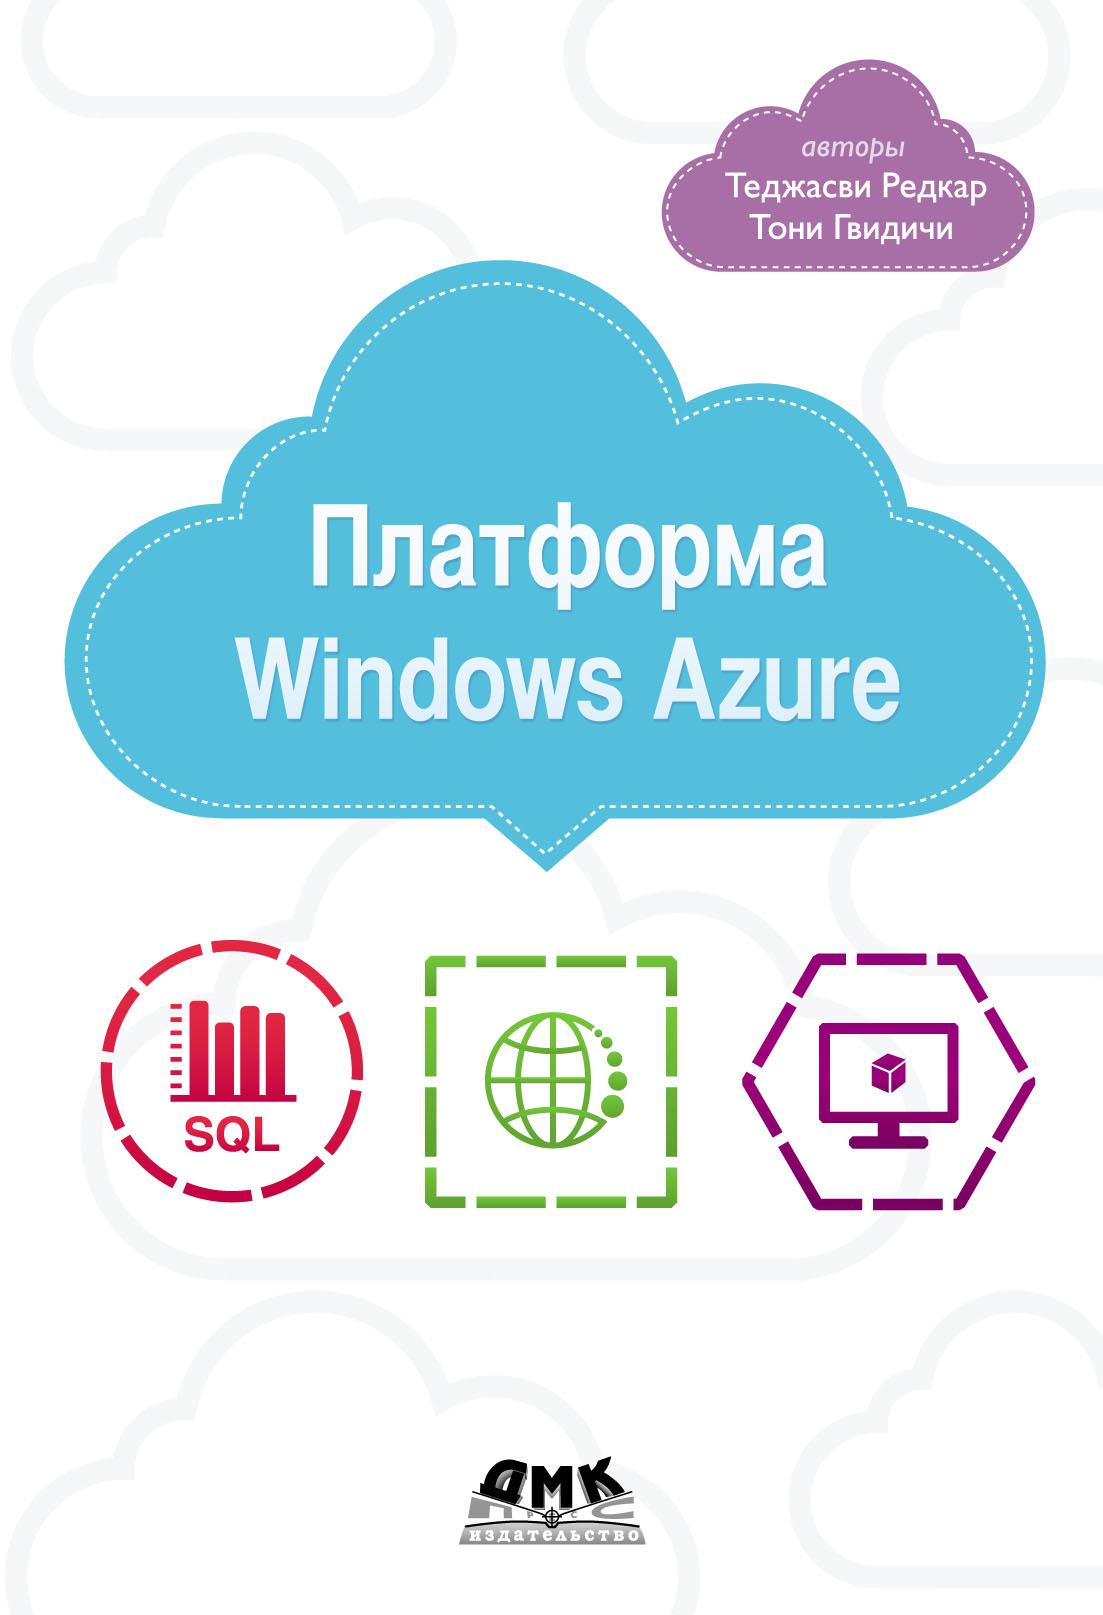 Теджасви Редкар Платформа Windows Azure теджасви редкар платформа windows azure